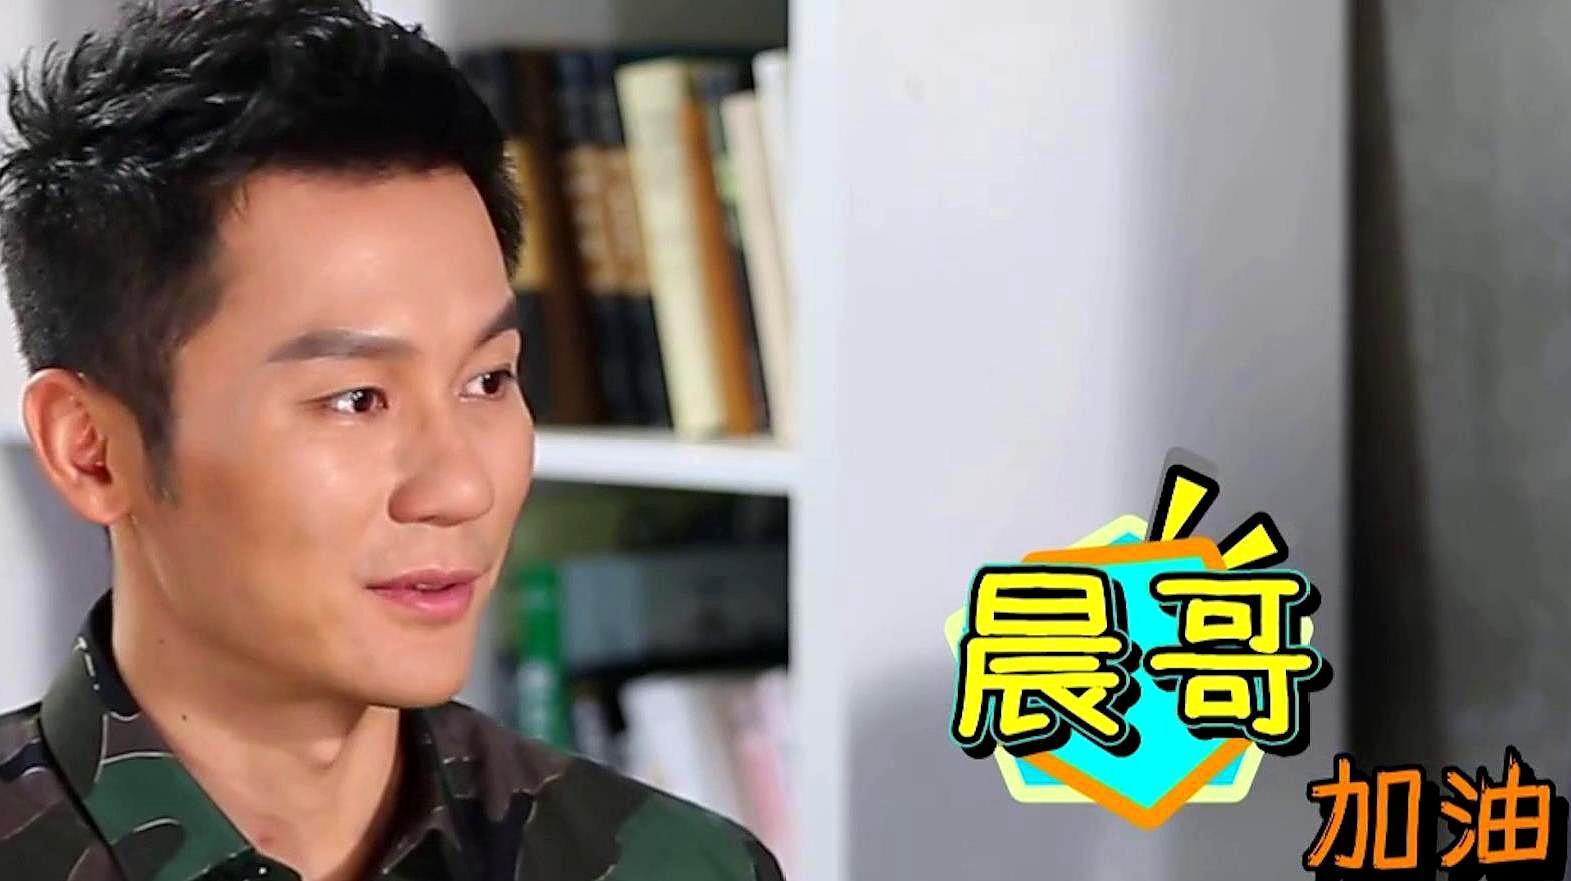 港媒曝李晨新恋情,身材不输范冰冰,女方为20亿身家的富豪千金